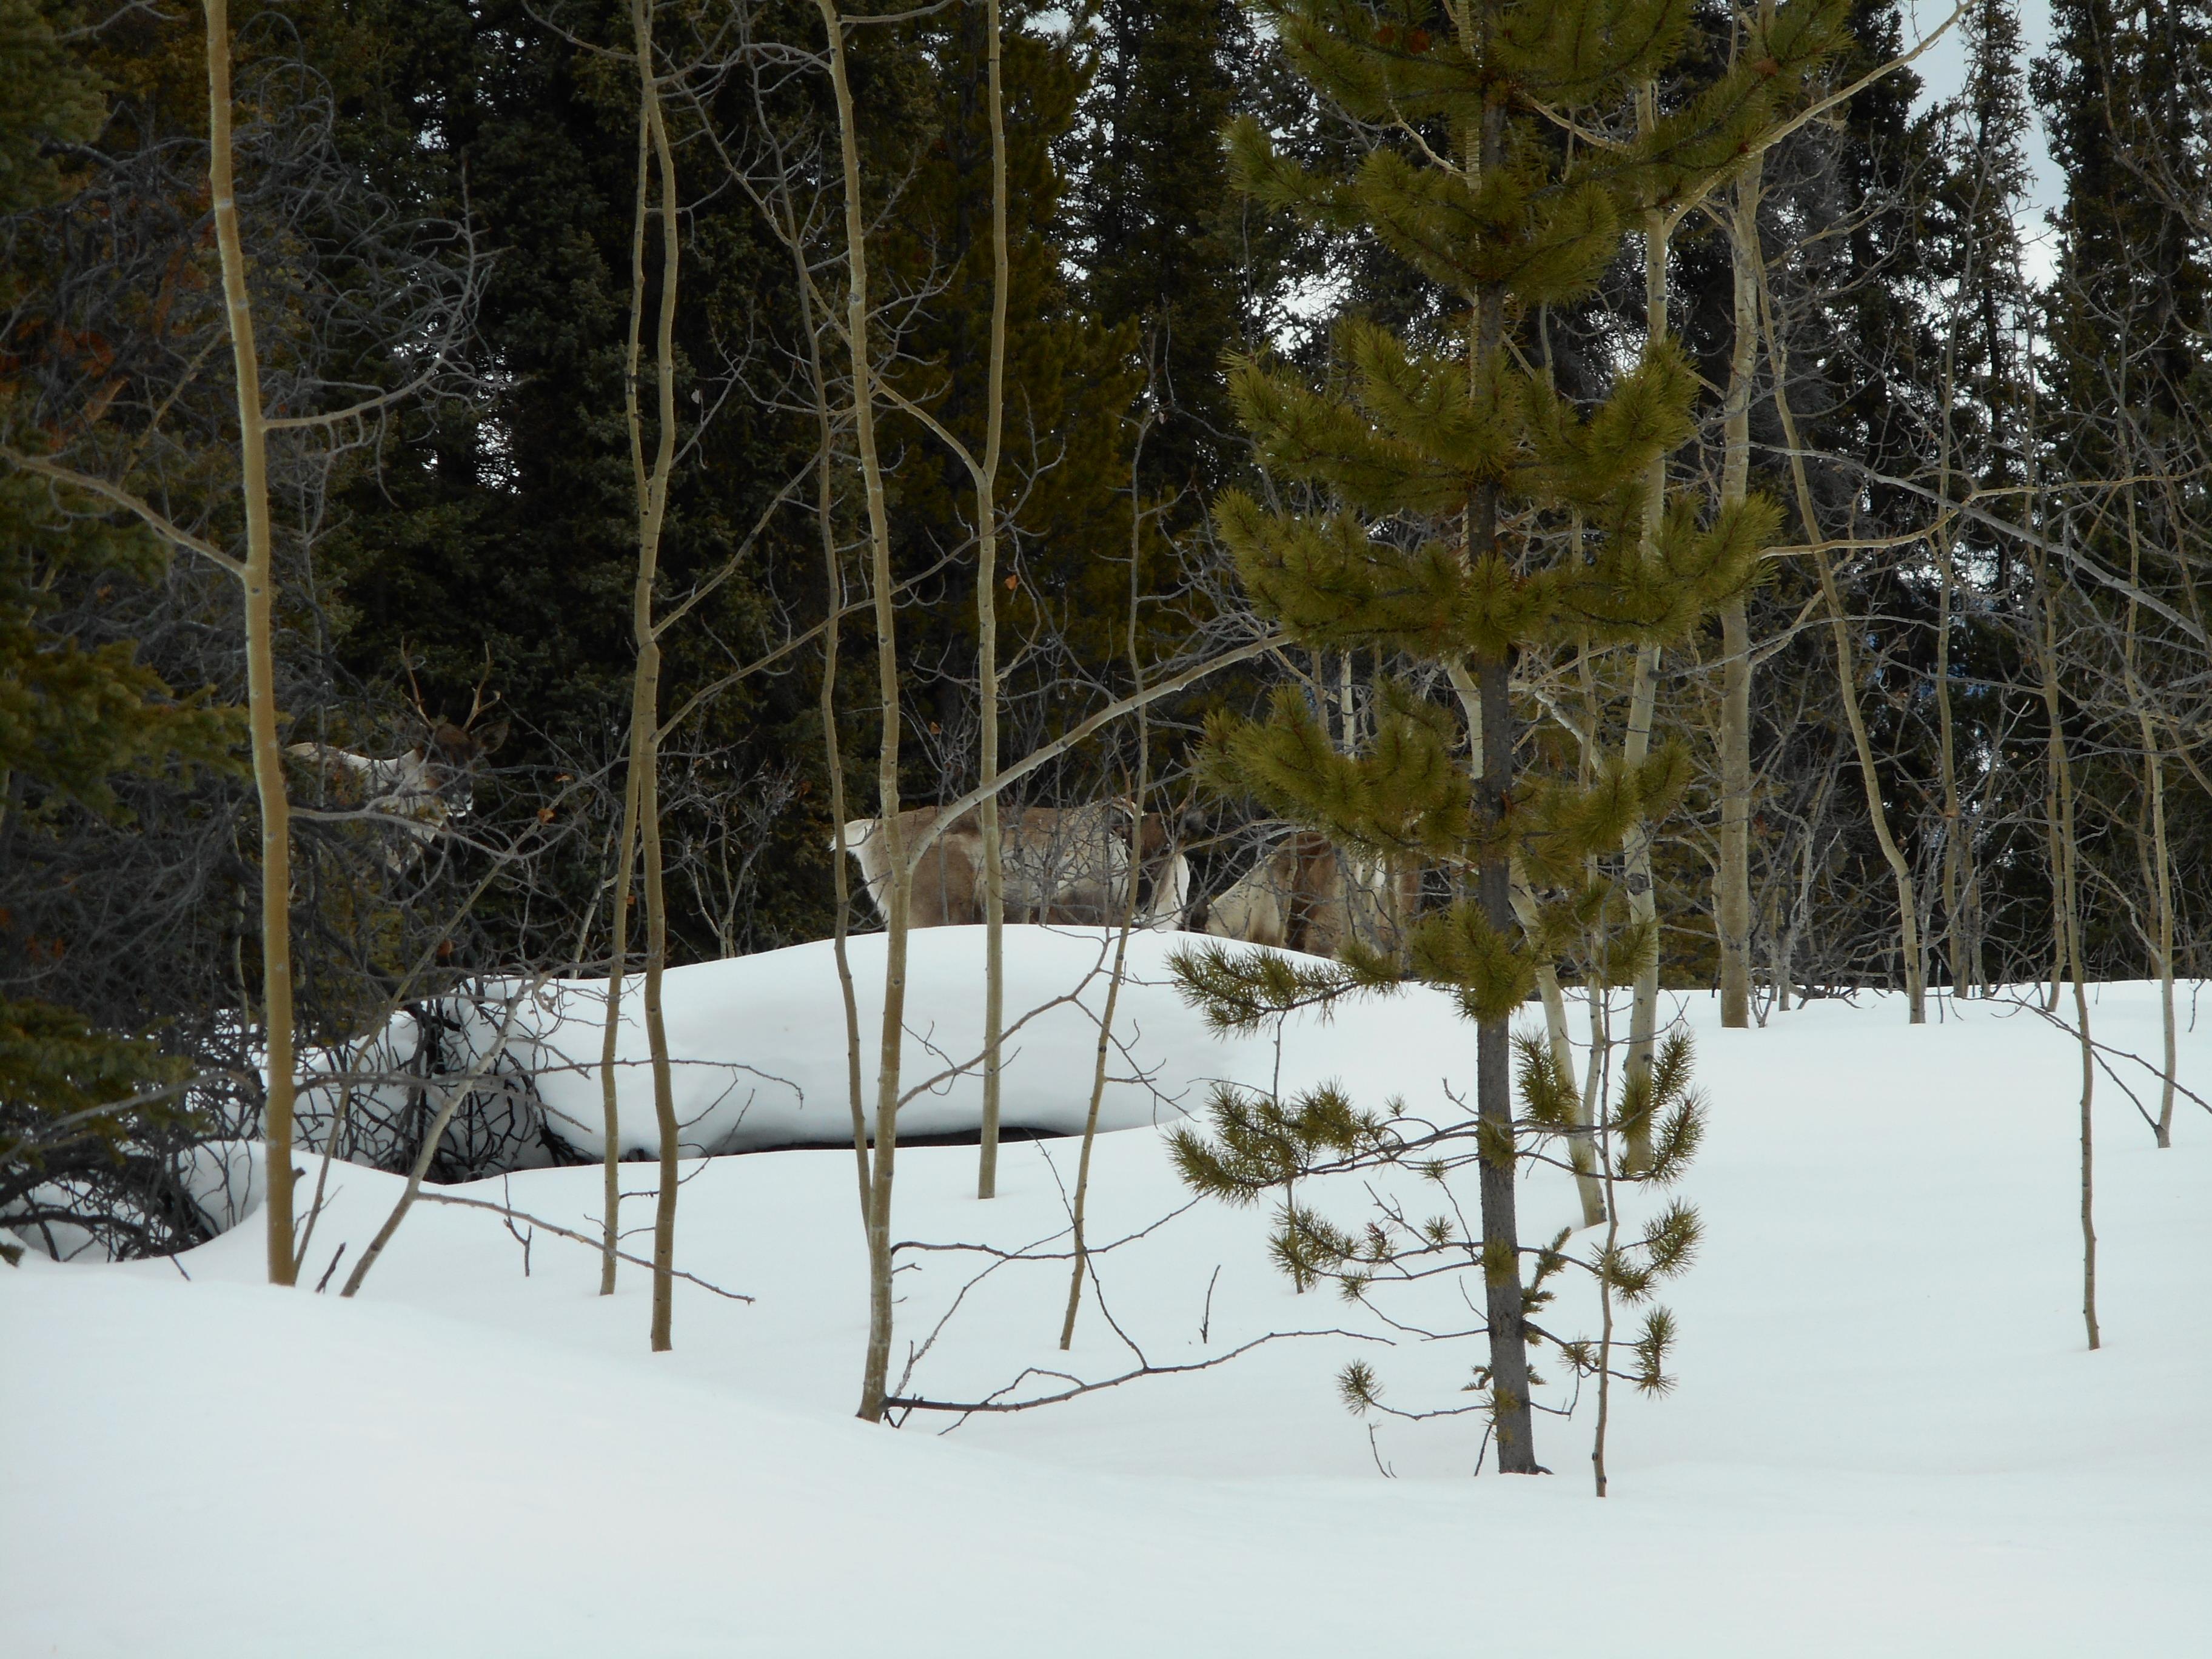 Reiseblog - Weite Ferne, Kanada